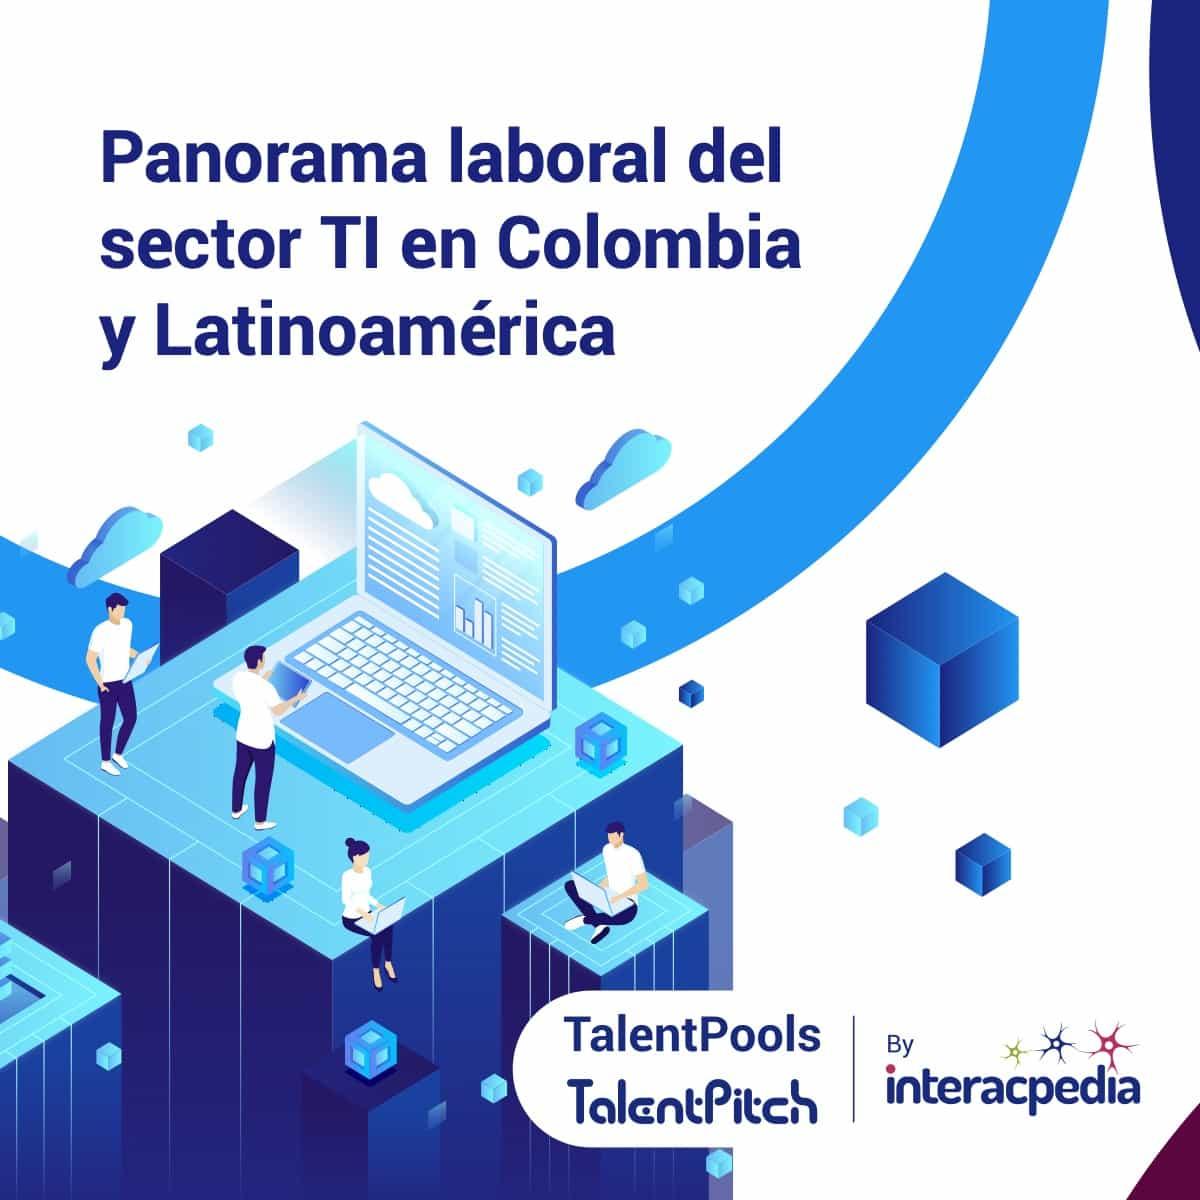 [Infografía] El COVID-19 agudizó la demanda de talento TI en Colombia 1